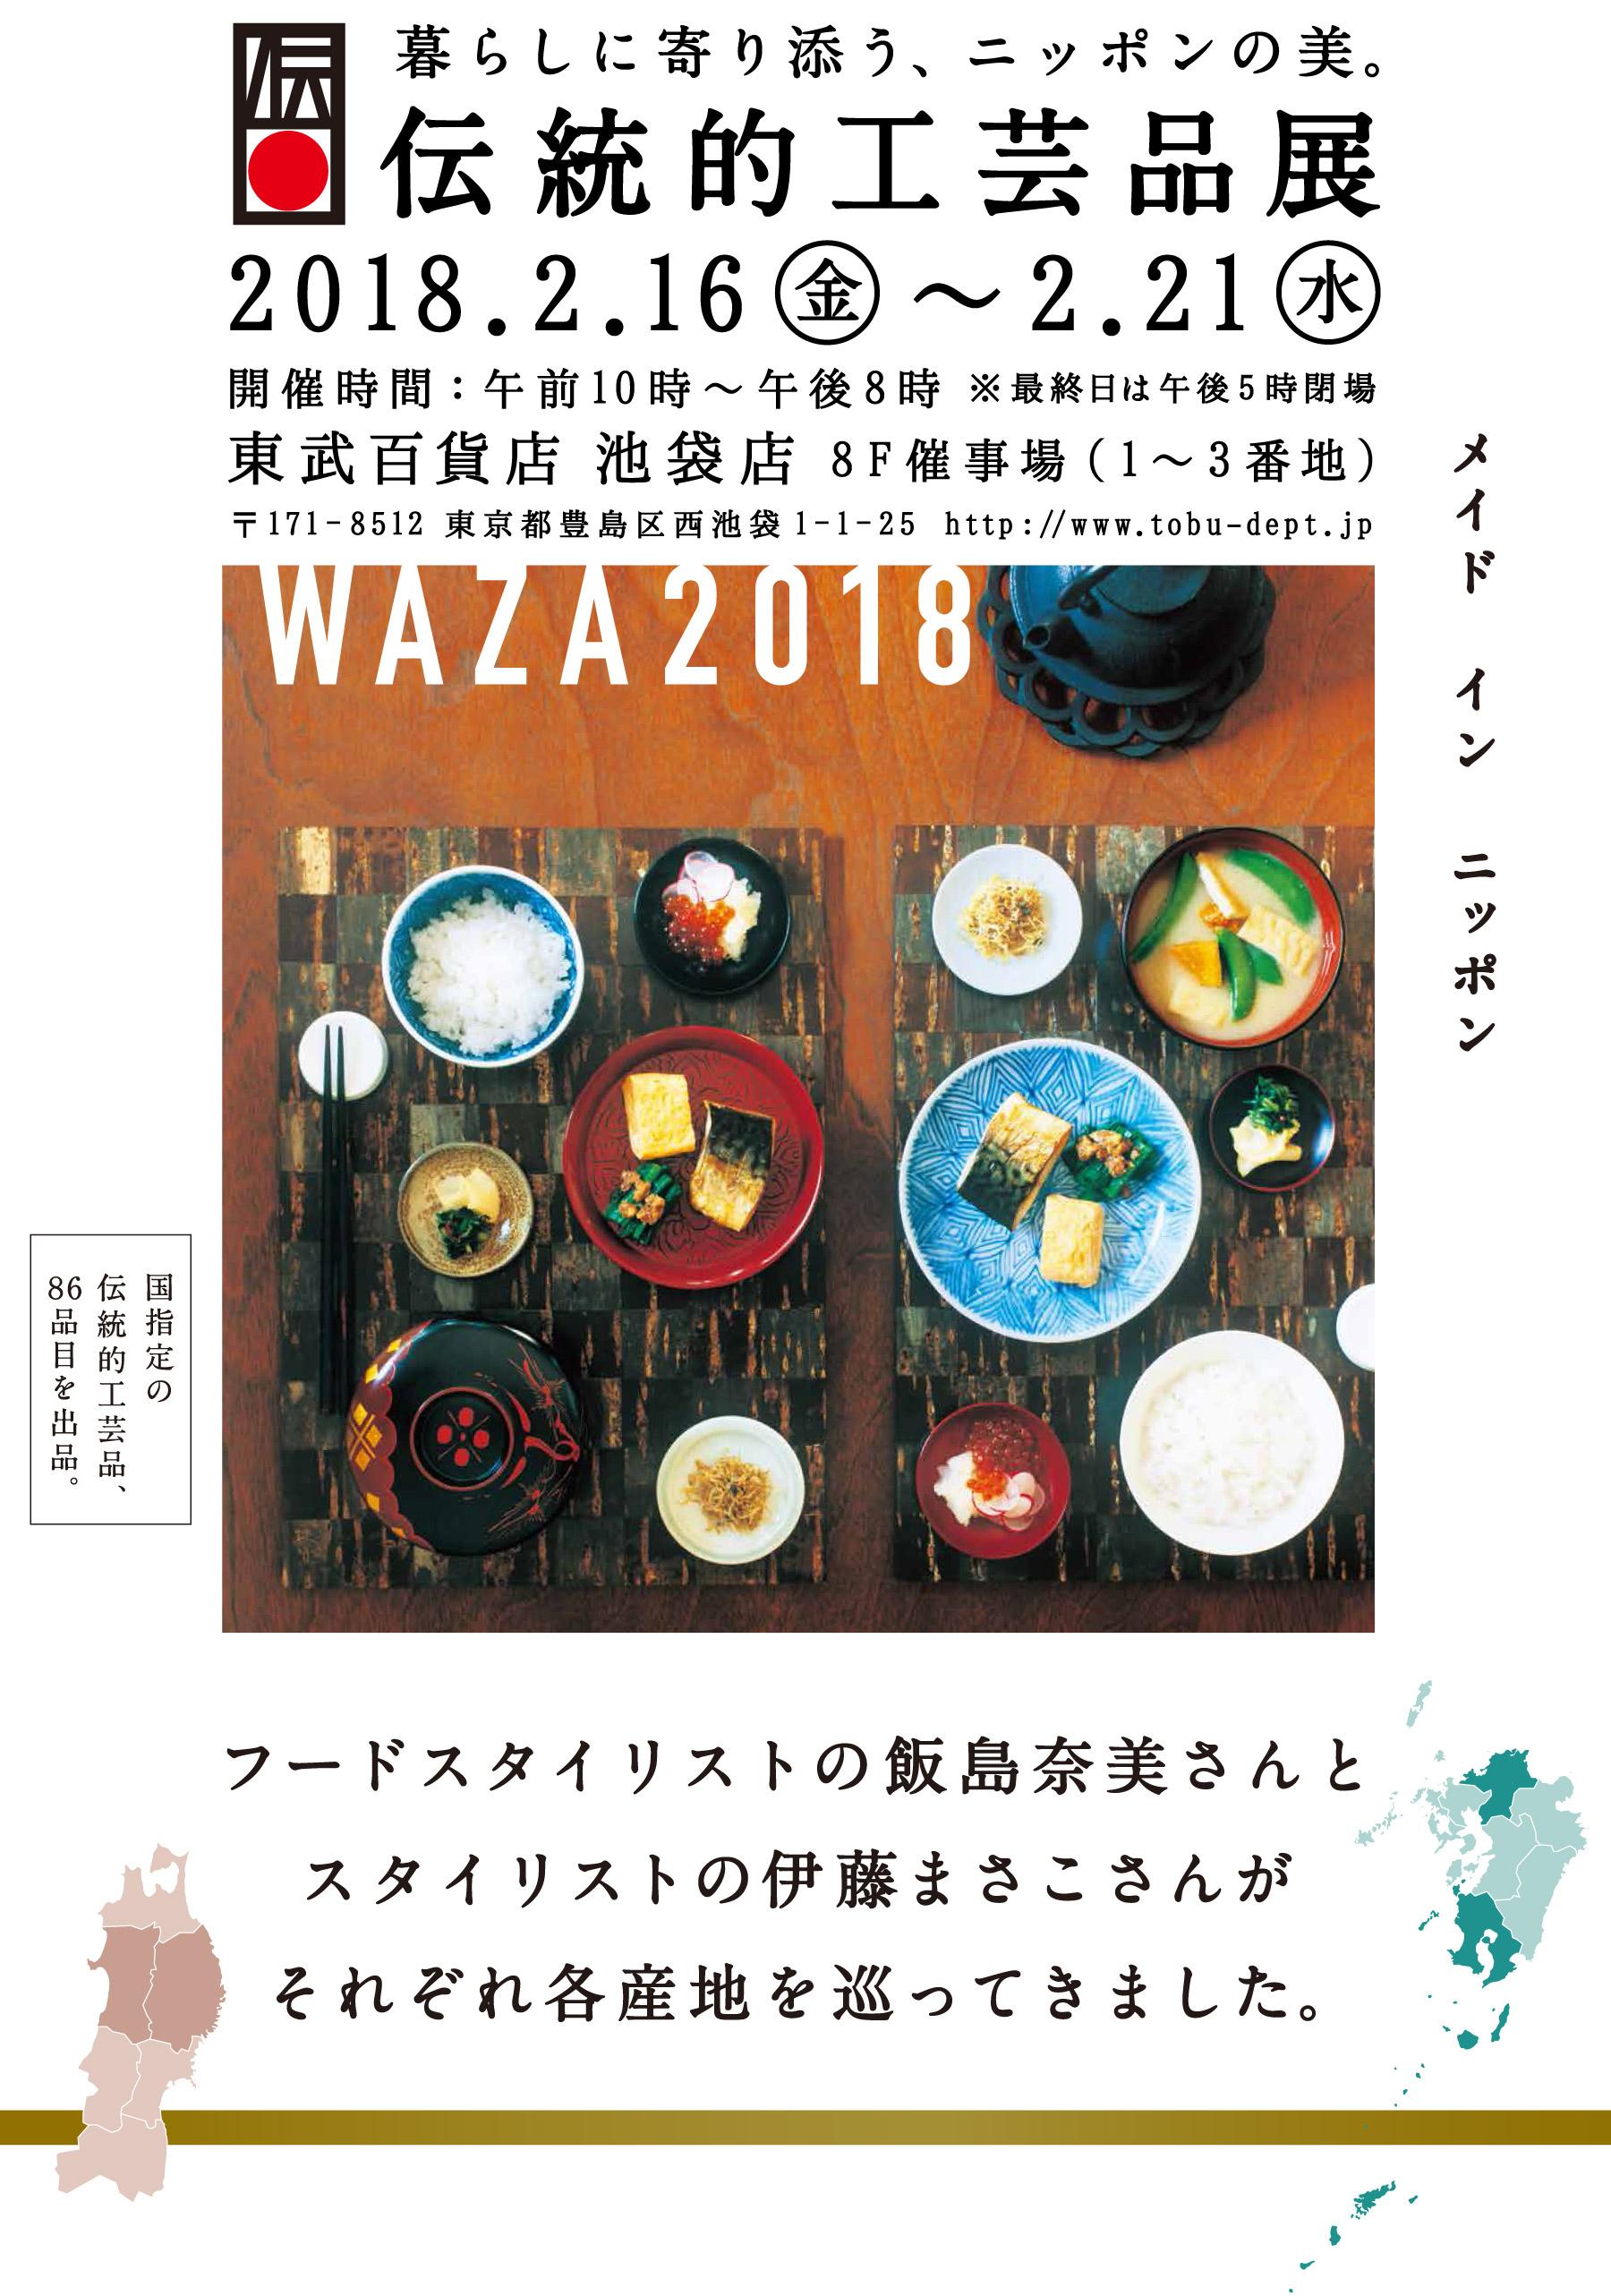 伝統的工芸品展 WAZA2018